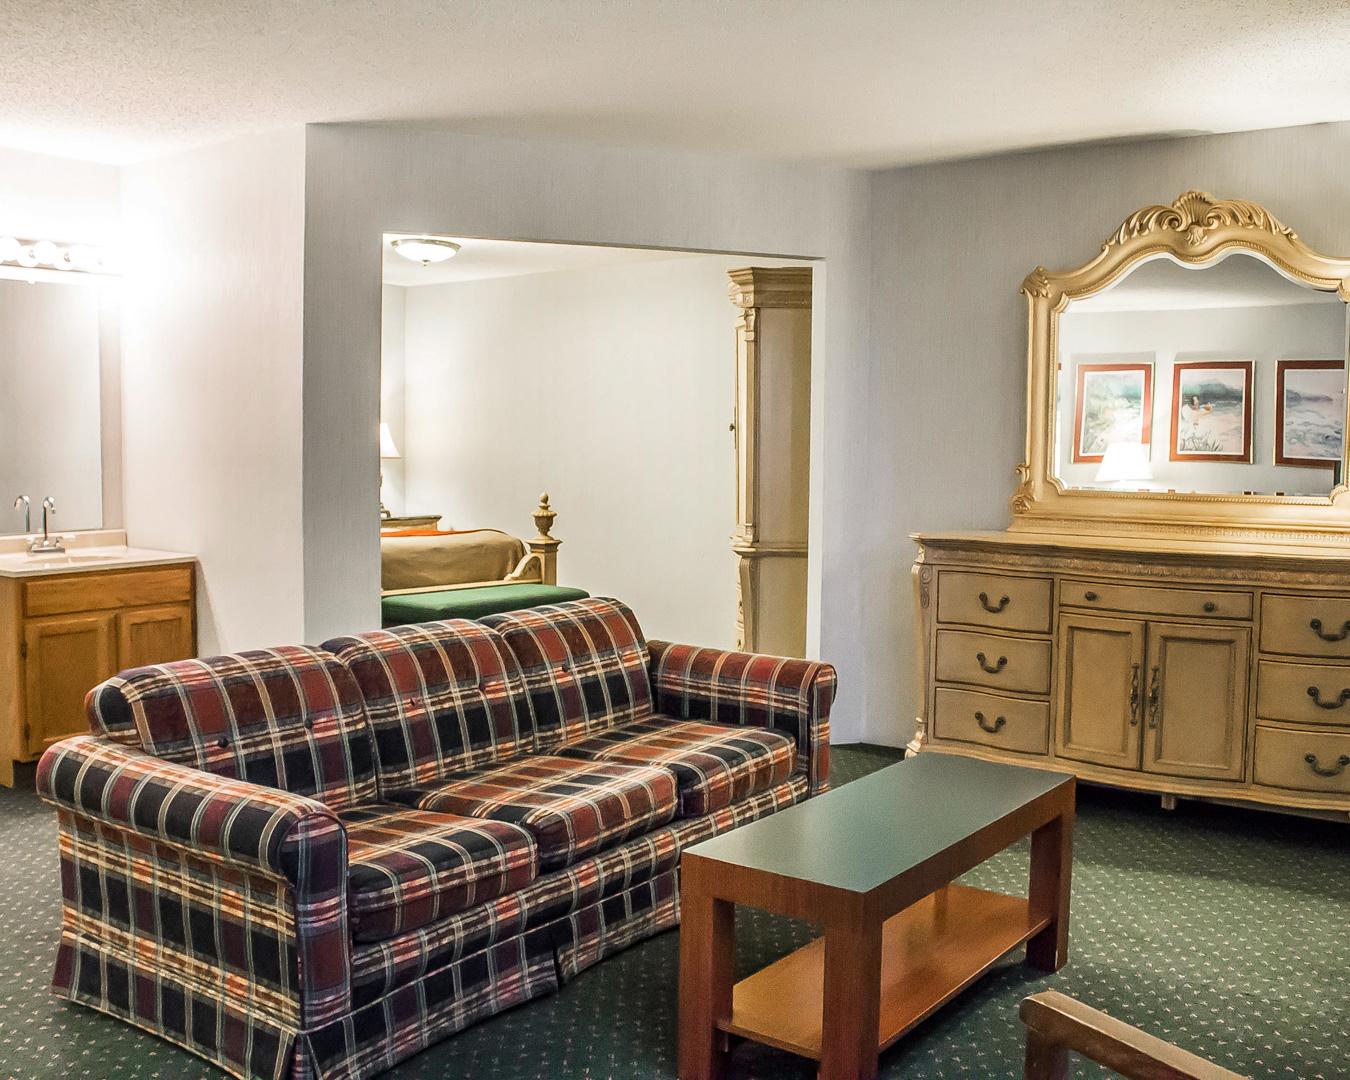 Comfort Inn, Manistique MI